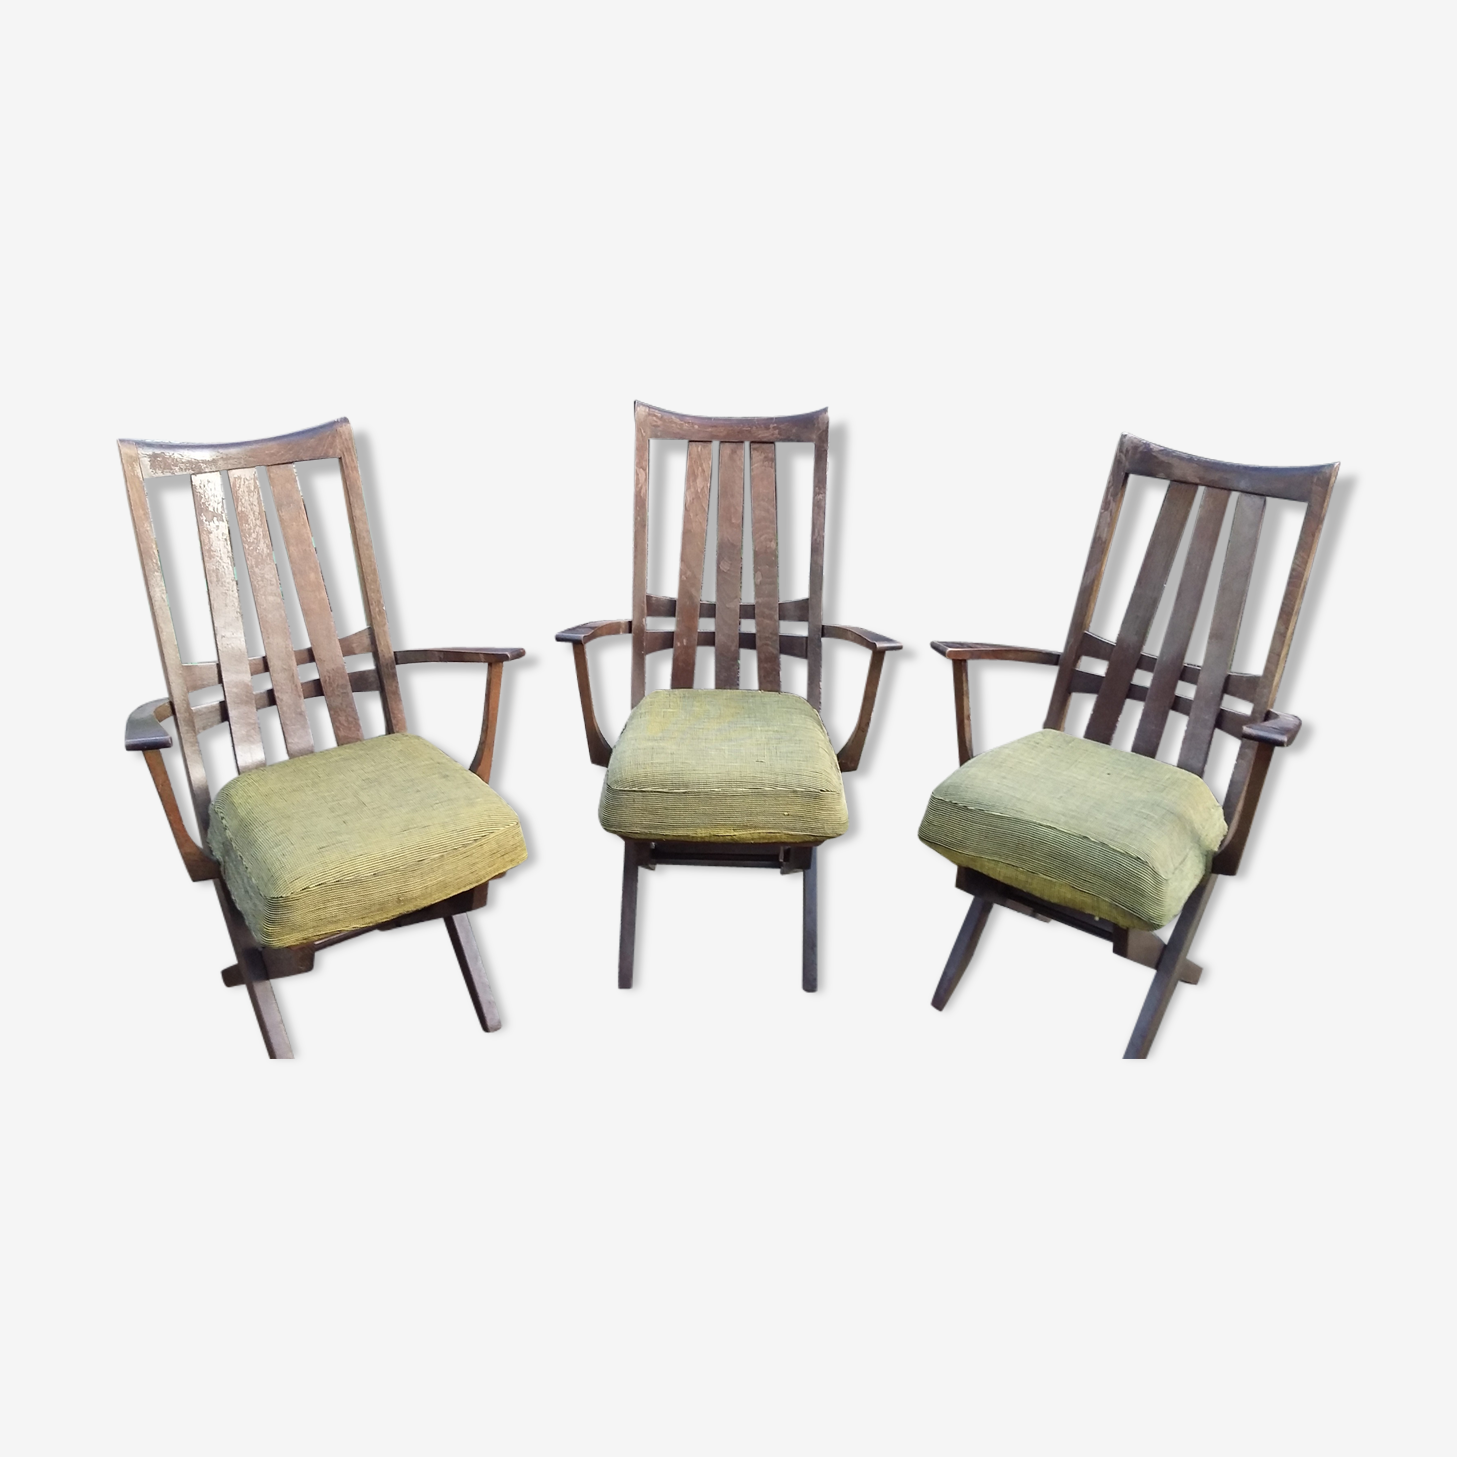 3 fauteuils relax sièges triconfort vintage 50